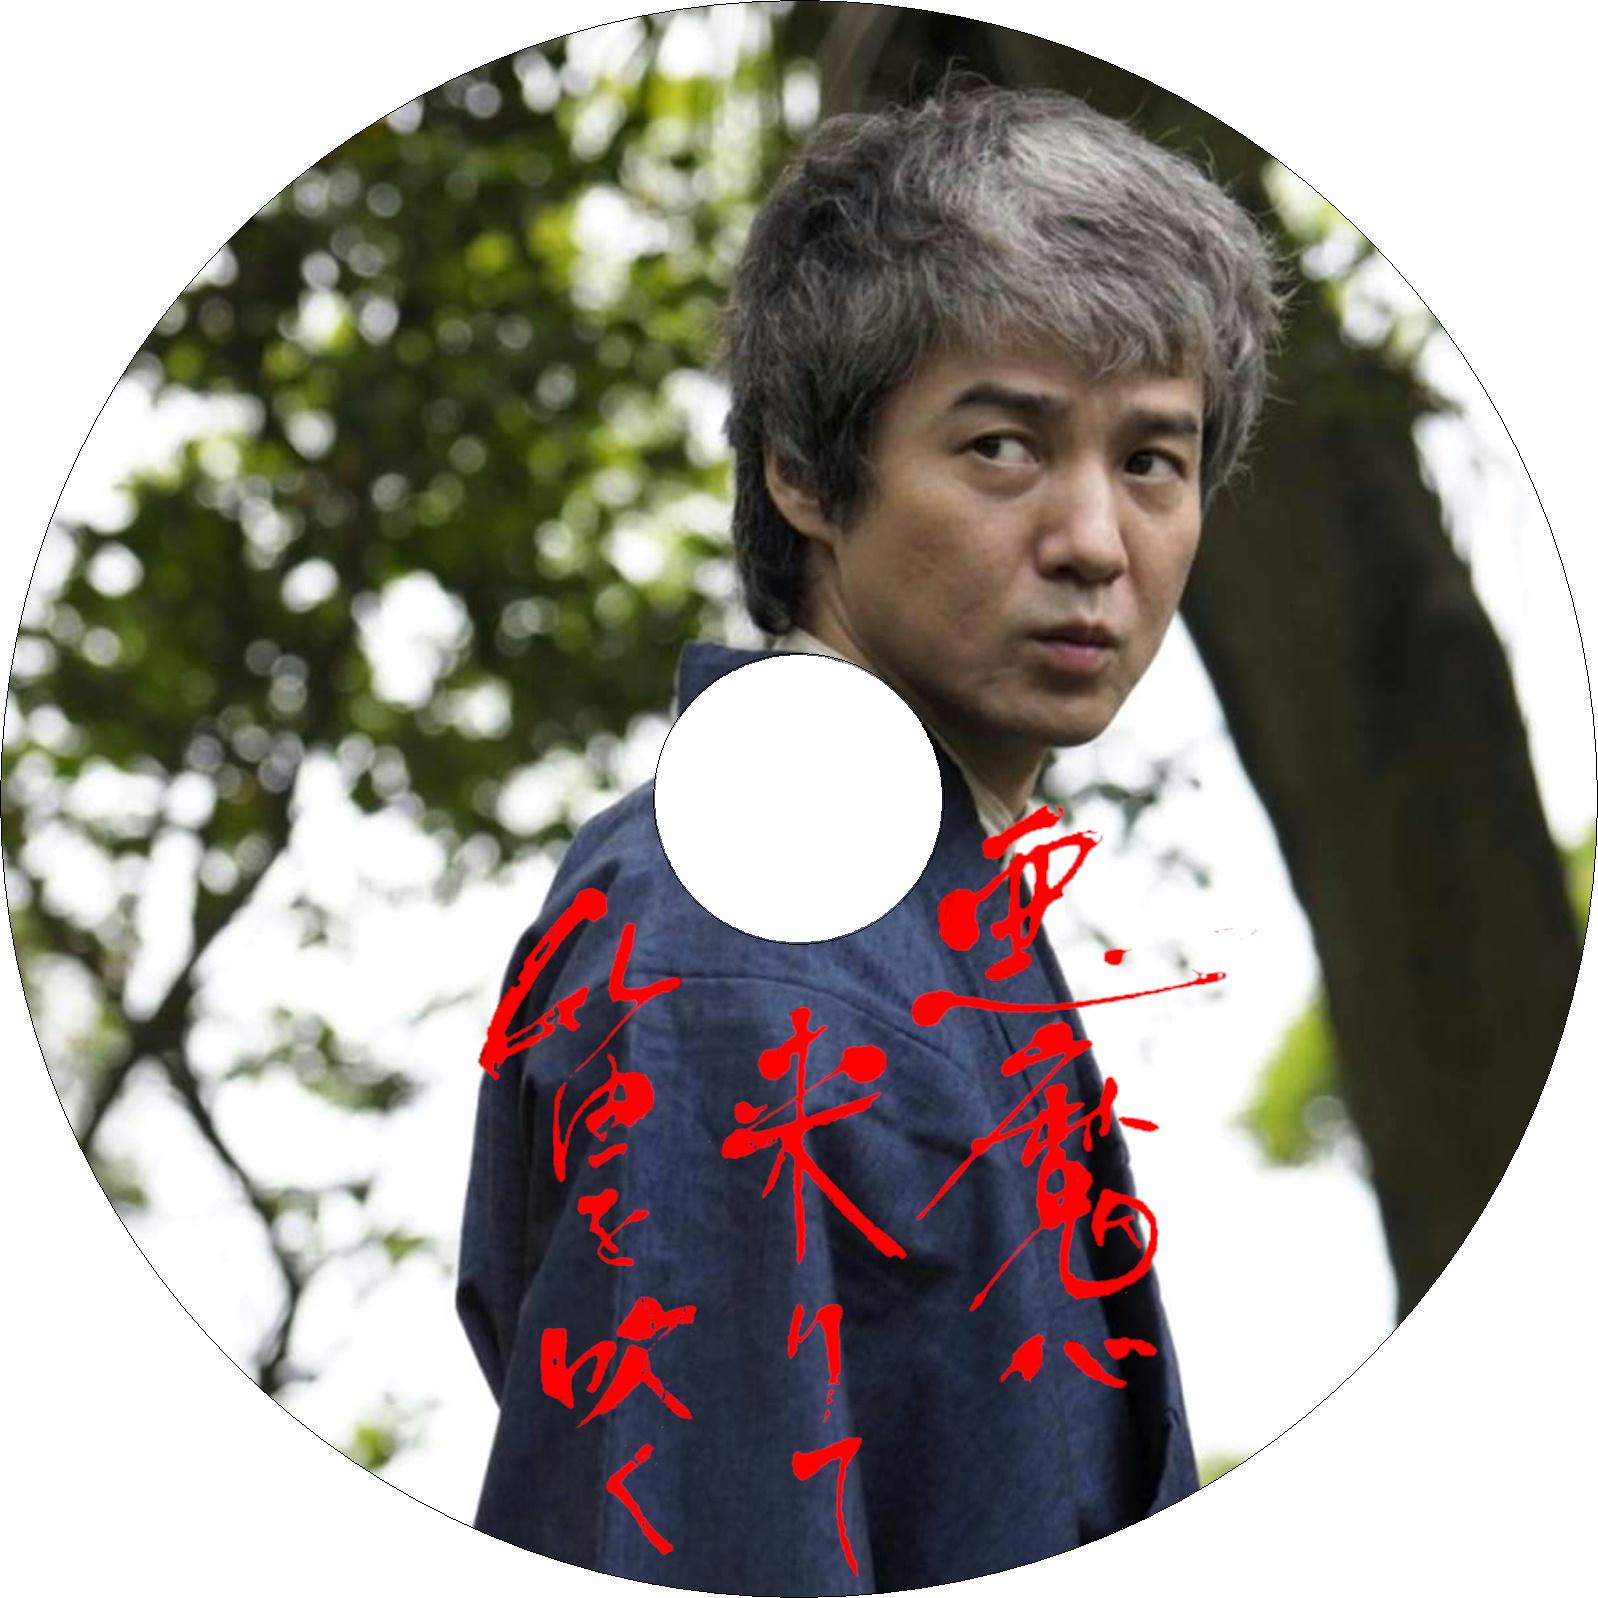 悪魔が来りて笛を吹く(2018 NHK BSプレミアム) ラベル